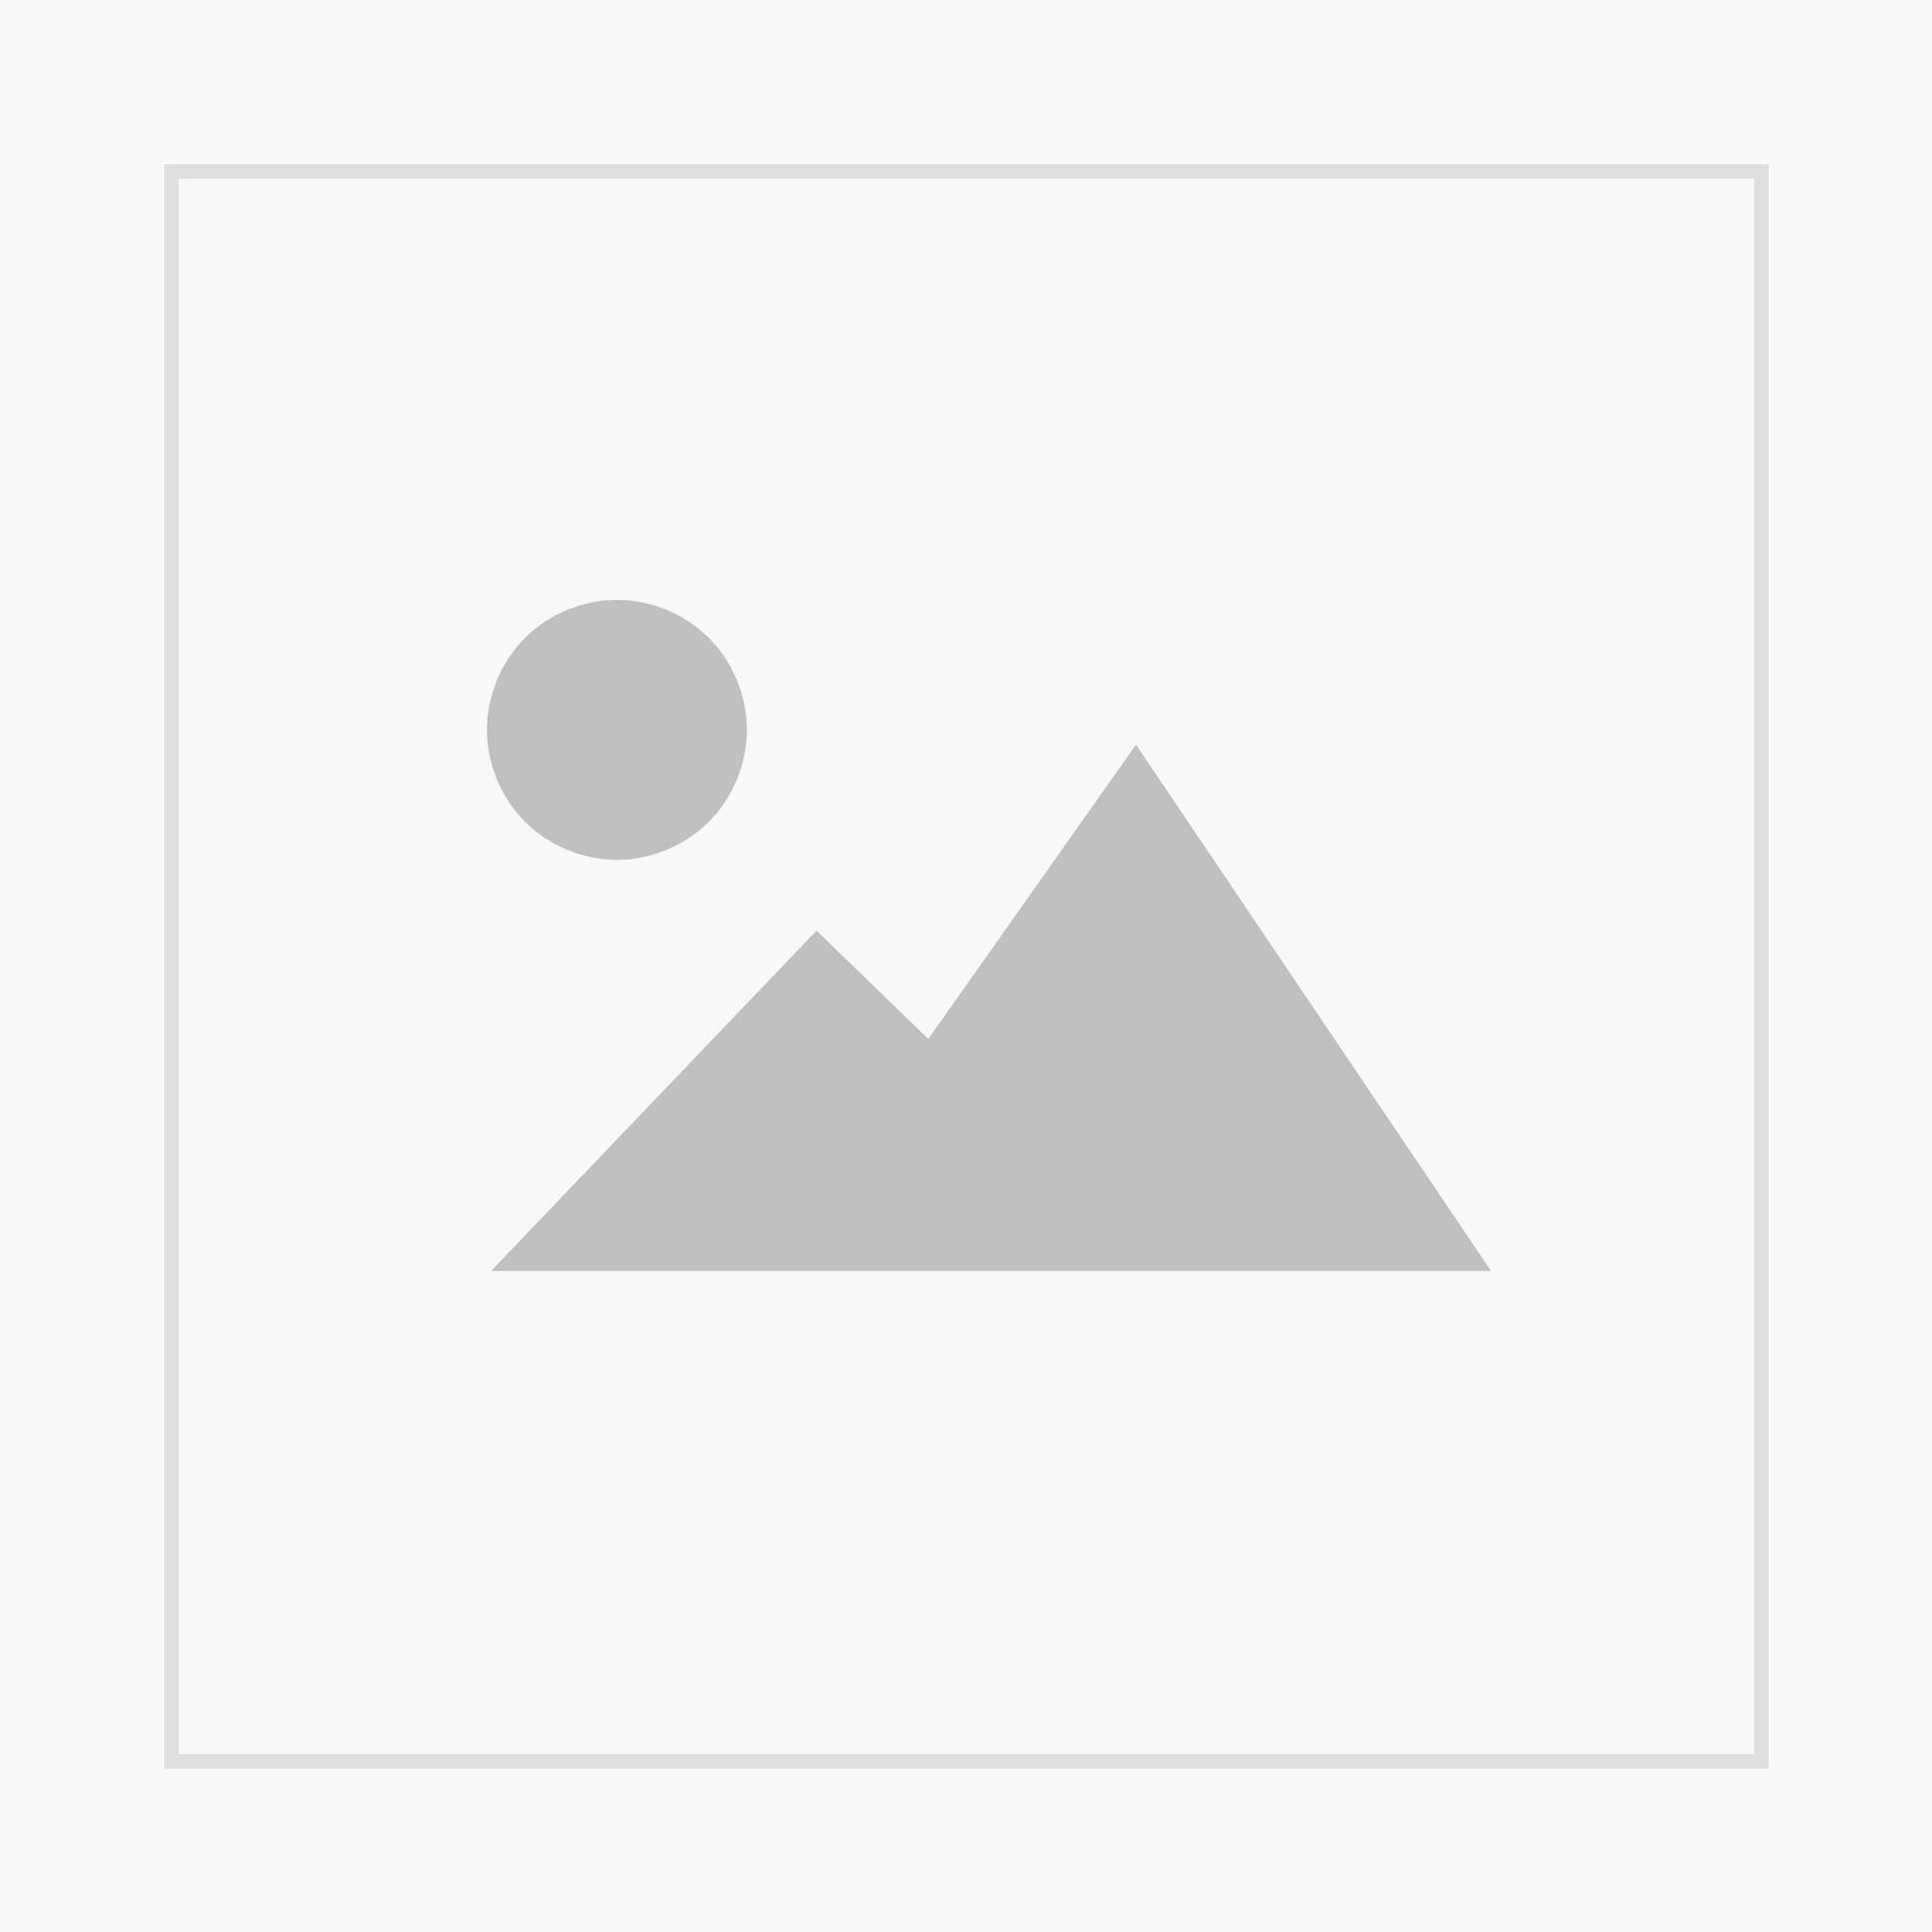 EHG Postkartenset - Weihnachten